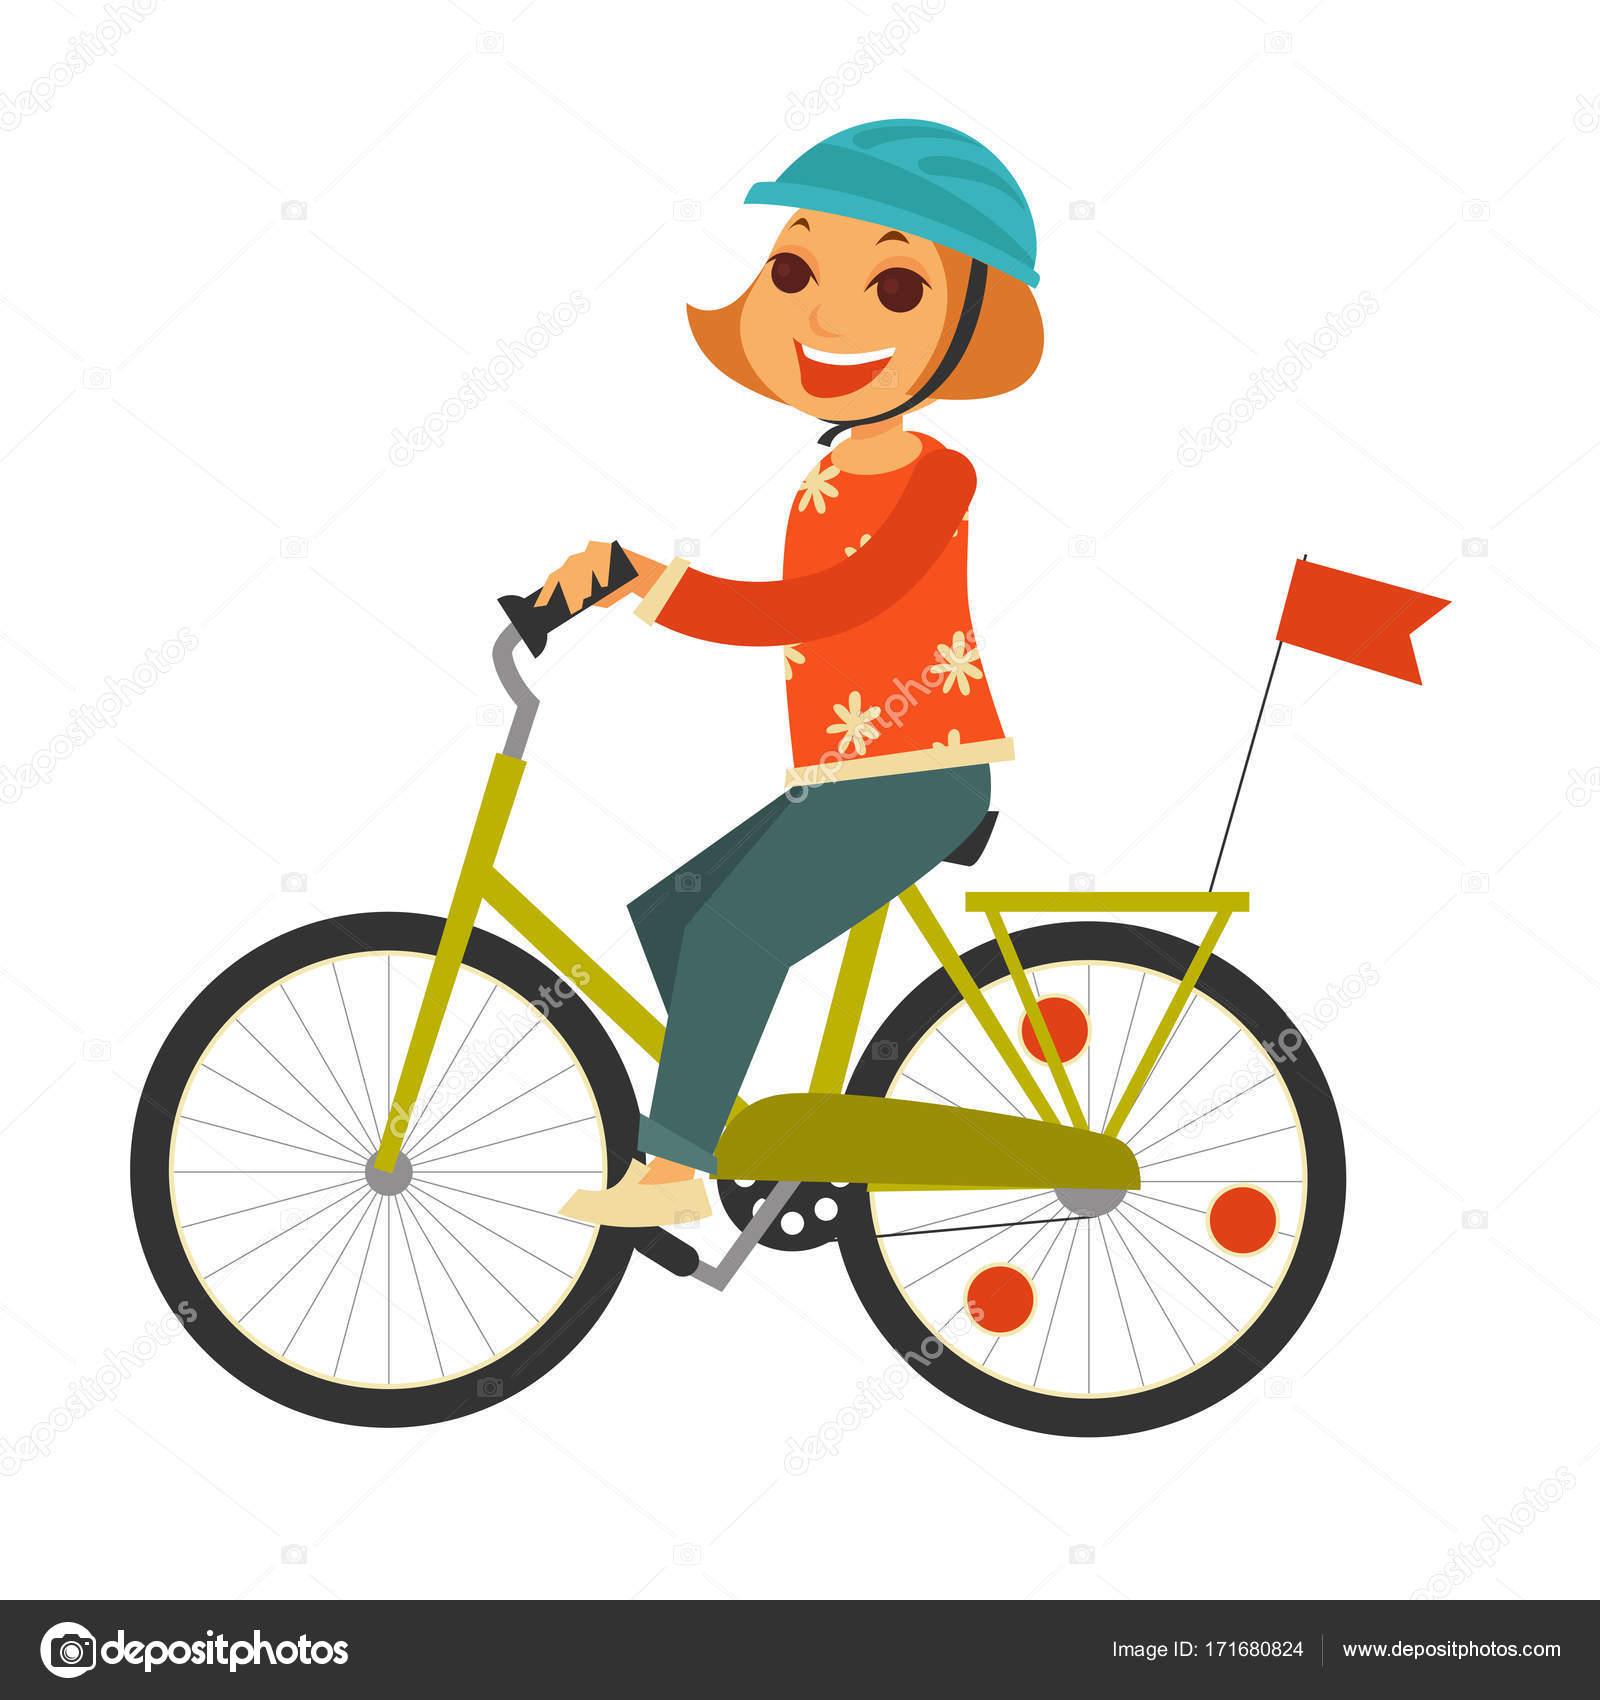 Unikalne Ruda dziewczynka w kasku jedzie rower z flagą — Grafika wektorowa SJ52